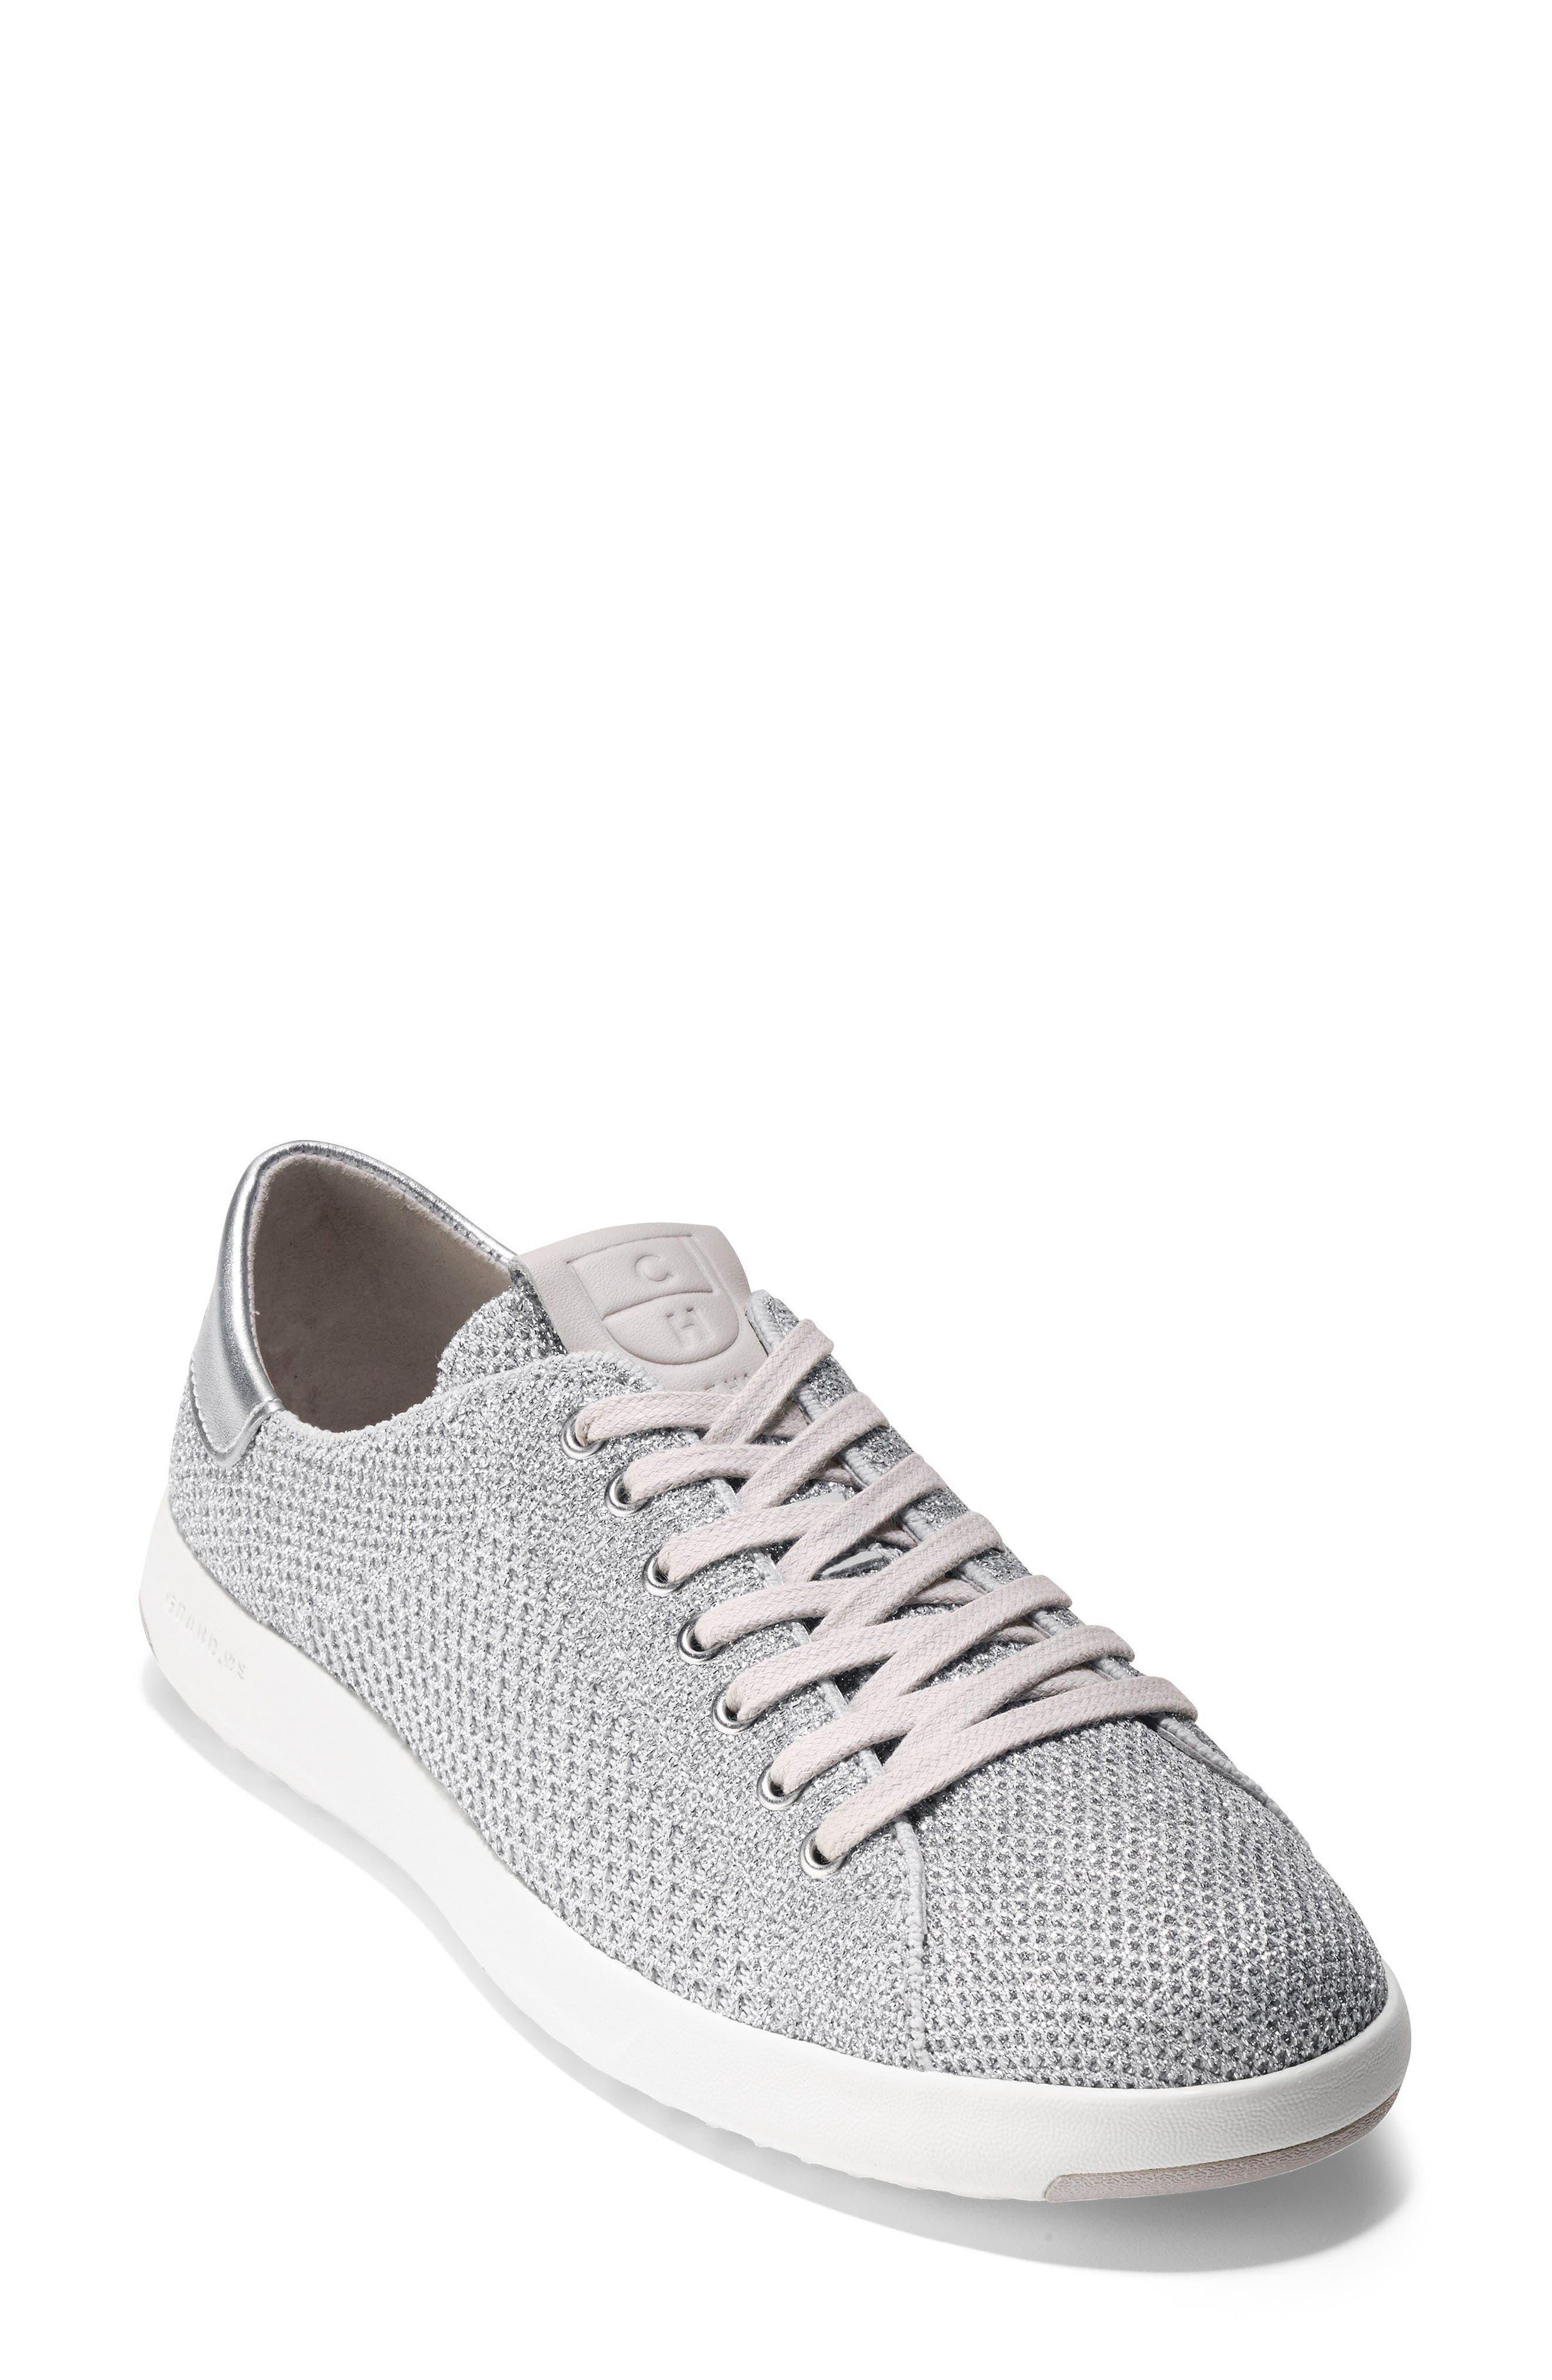 GrandPro Stitchlite Sneaker,                         Main,                         color, Silver Fabric